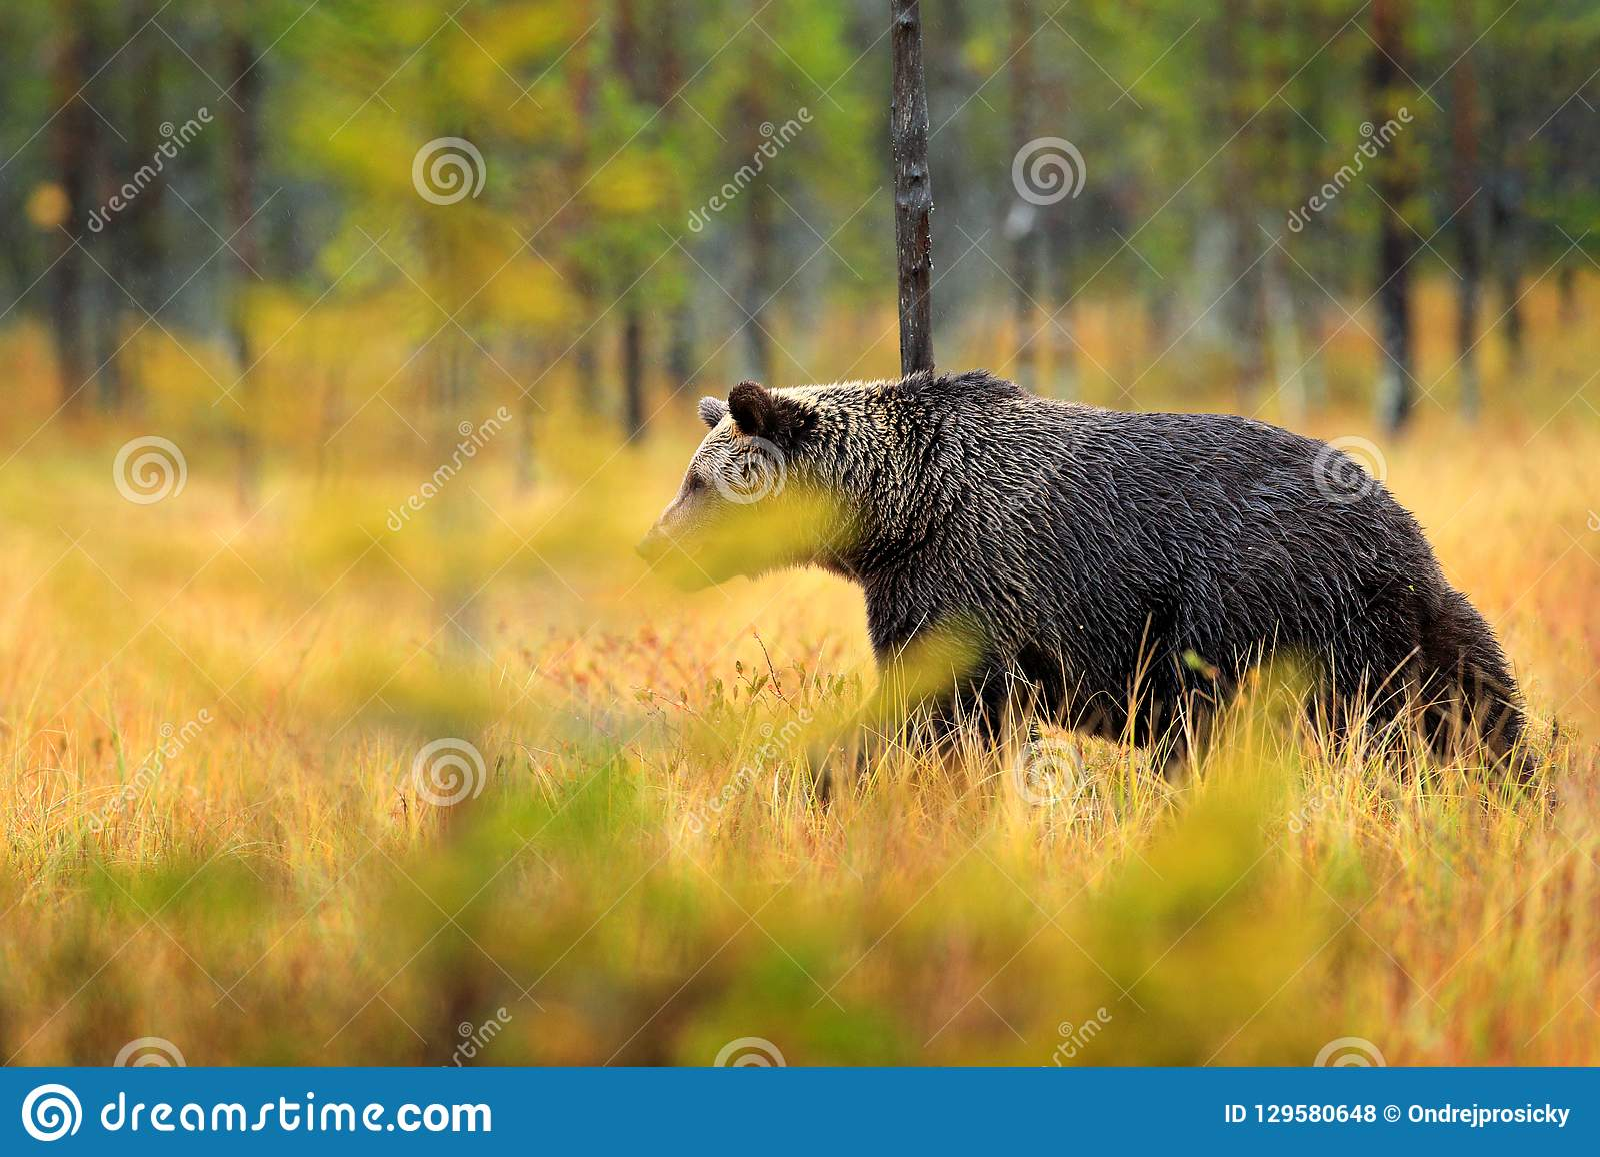 Znosi chowanego w pomarańczowej czerwieni jesieni lasowych drzewach z niedźwiedziem Piękny brown niedźwiedź chodzi wokoło jeziora